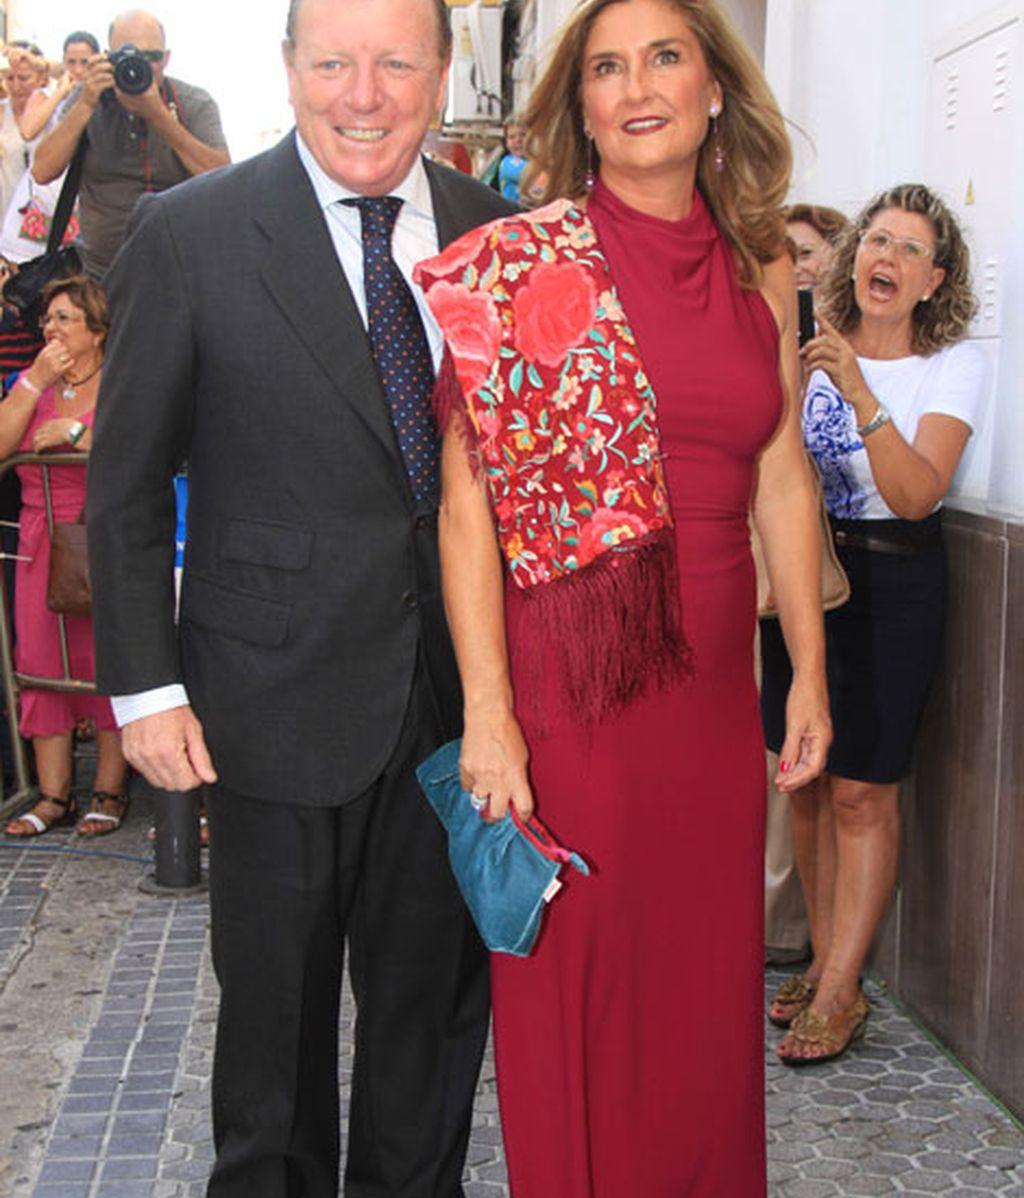 El humorista César Cadaval, acompañado por su mujer